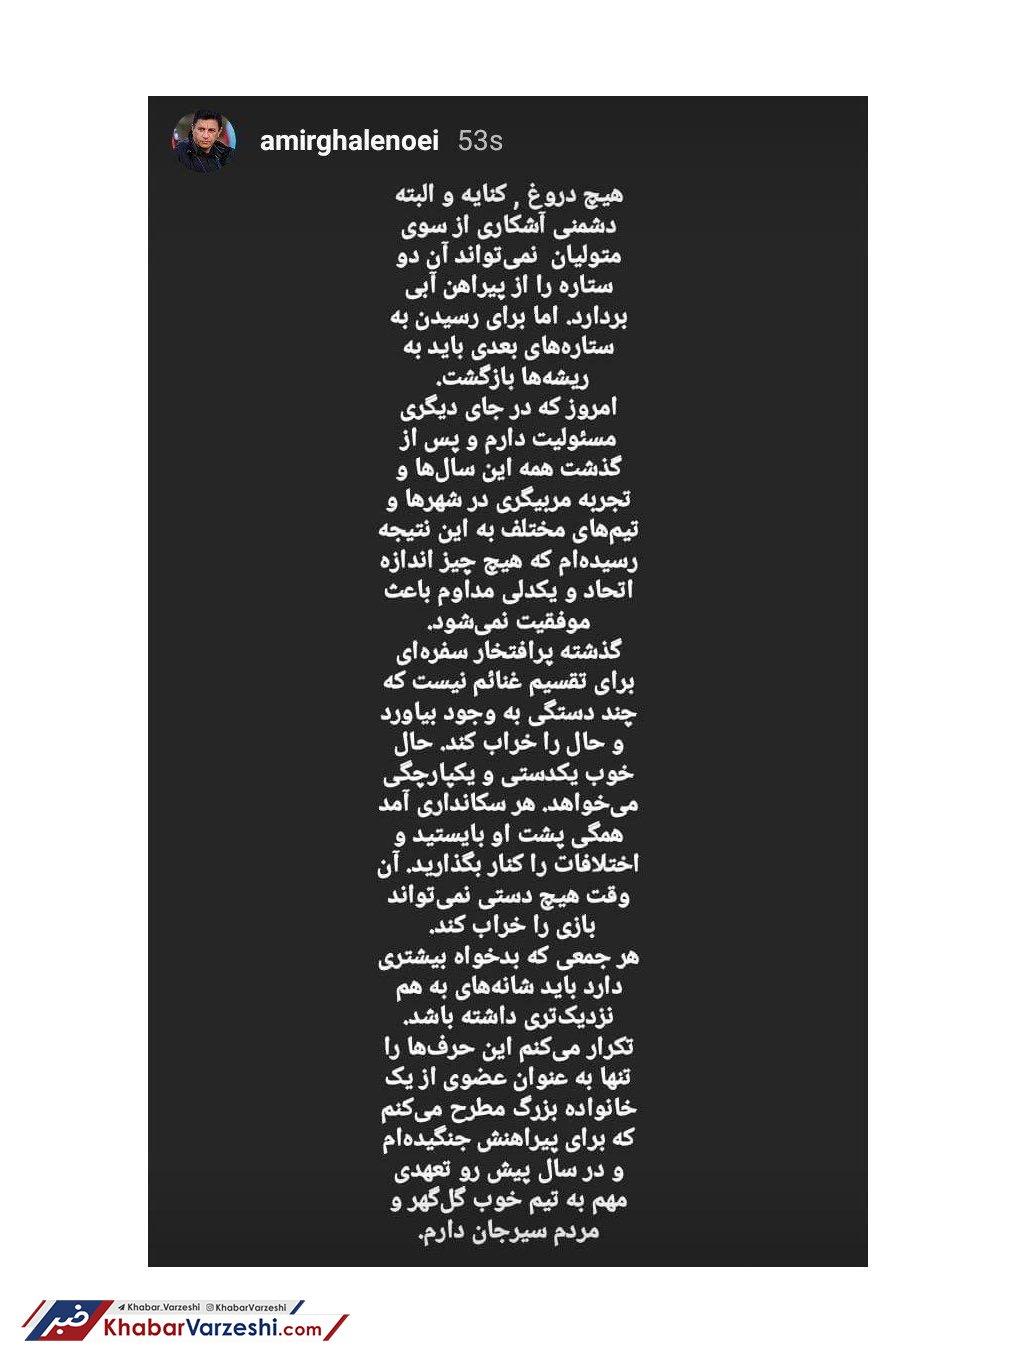 پیام اینستاگرامی جدید قلعه نویی به استقلالی ها